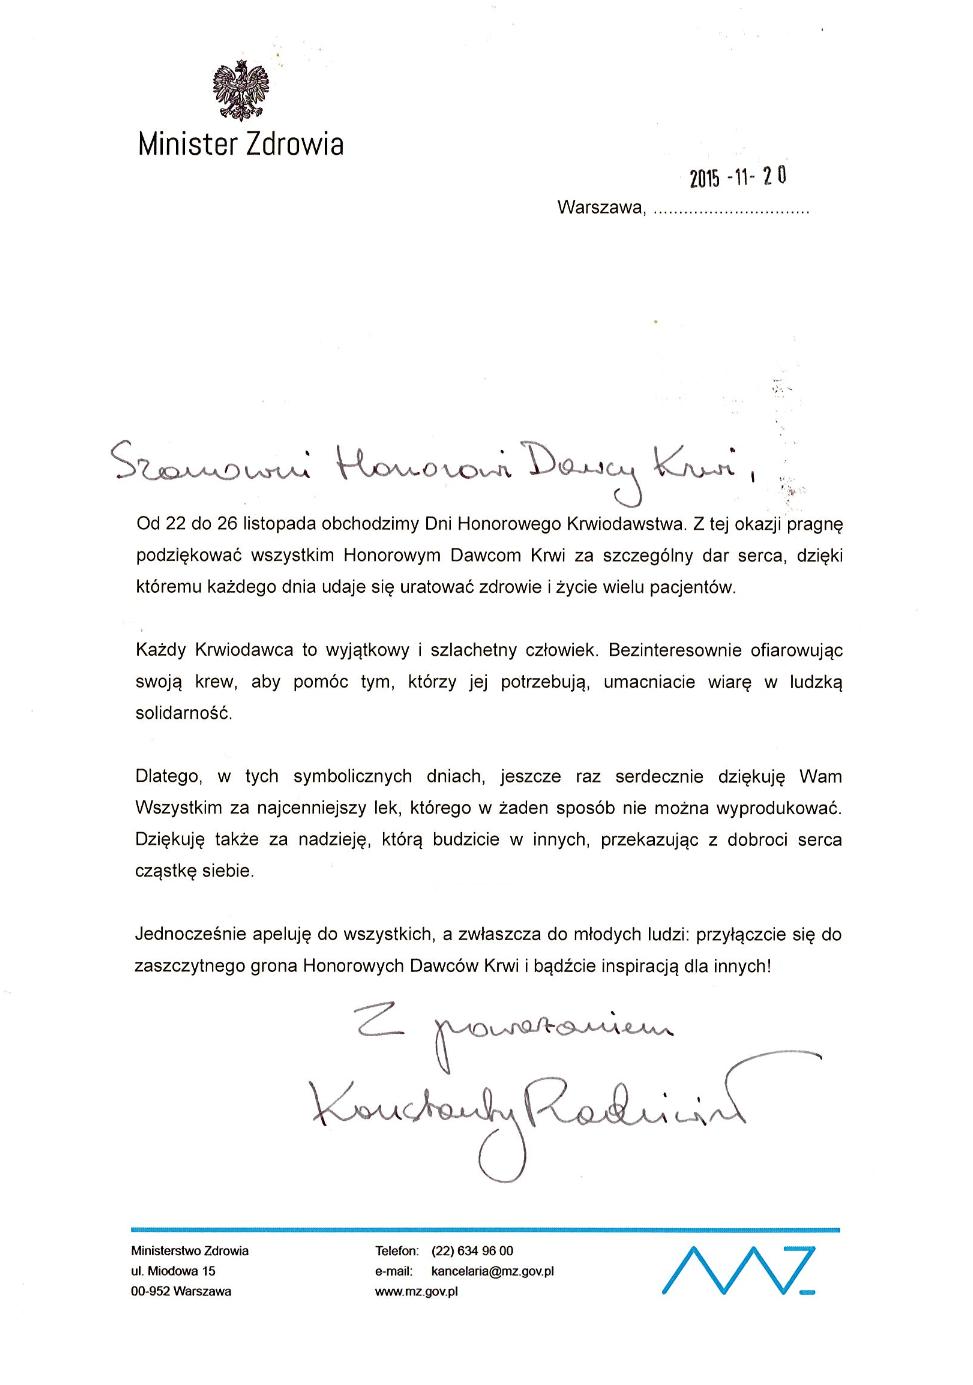 Życzenia z Ministerstwa Zdrowia z okazji Dni Honorowego Krwiodawstwa w 2015 roku